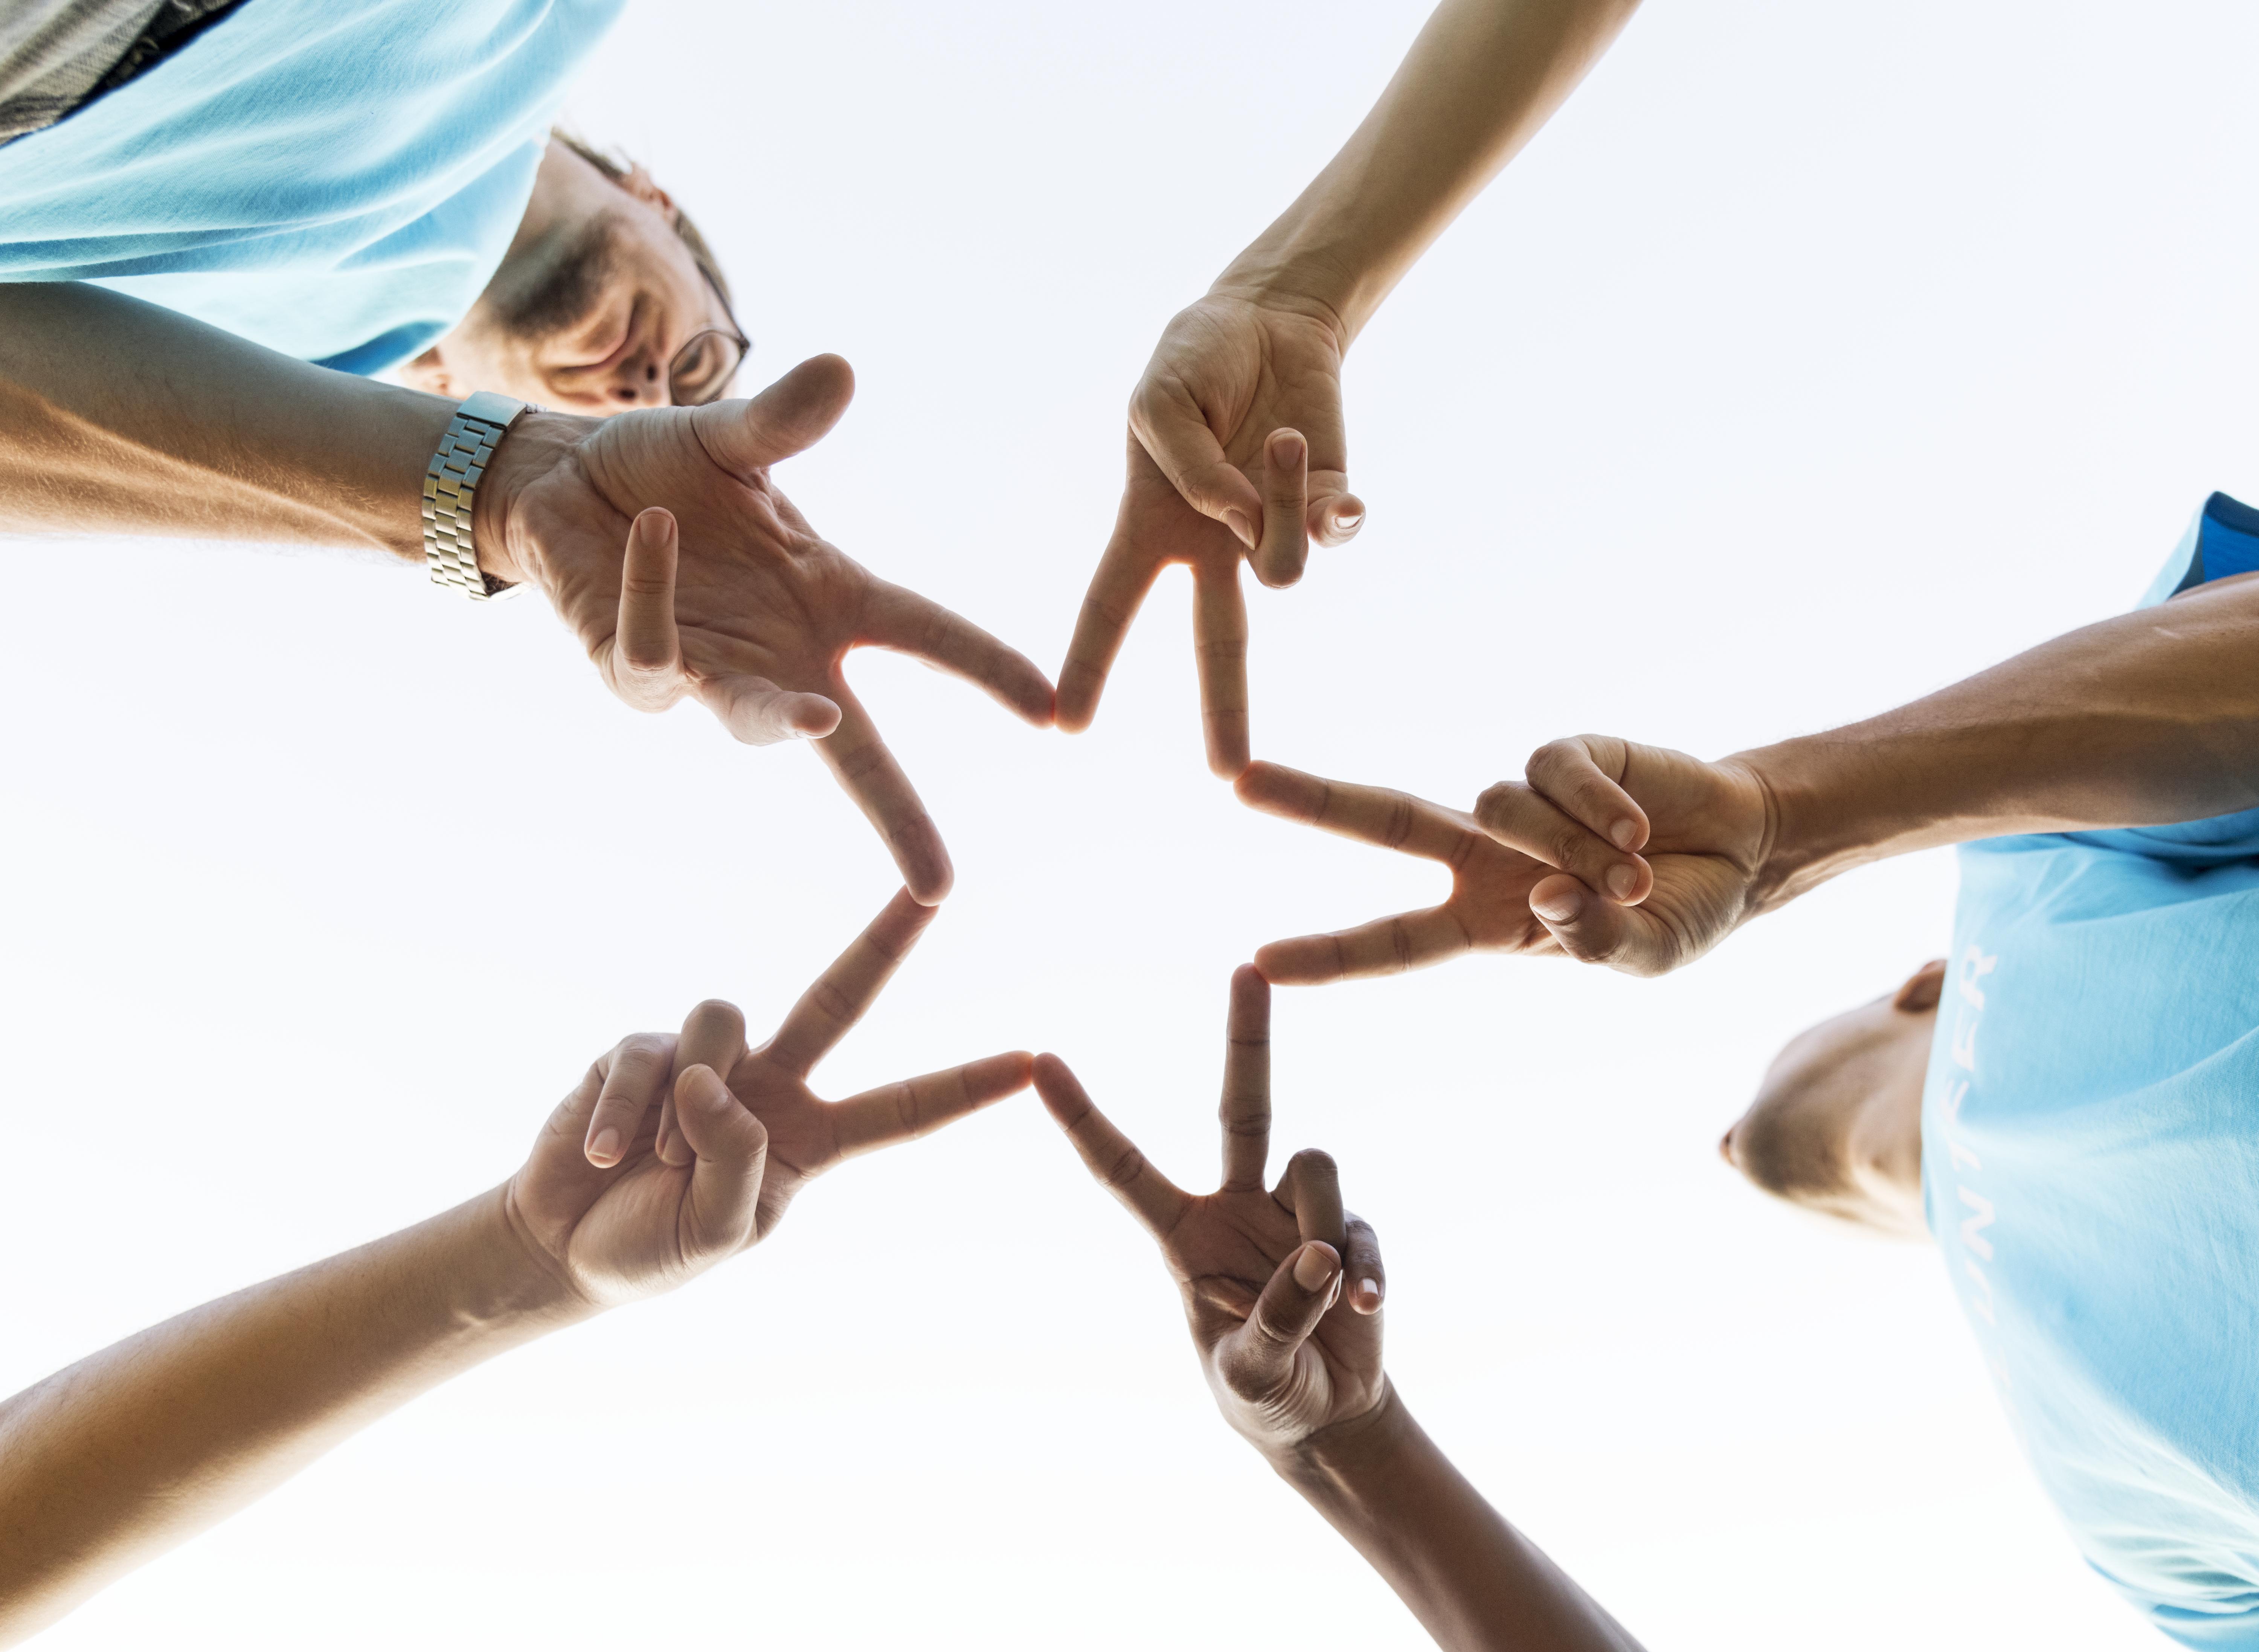 grupa szczesliwych i roznorodnych wolontariuszy